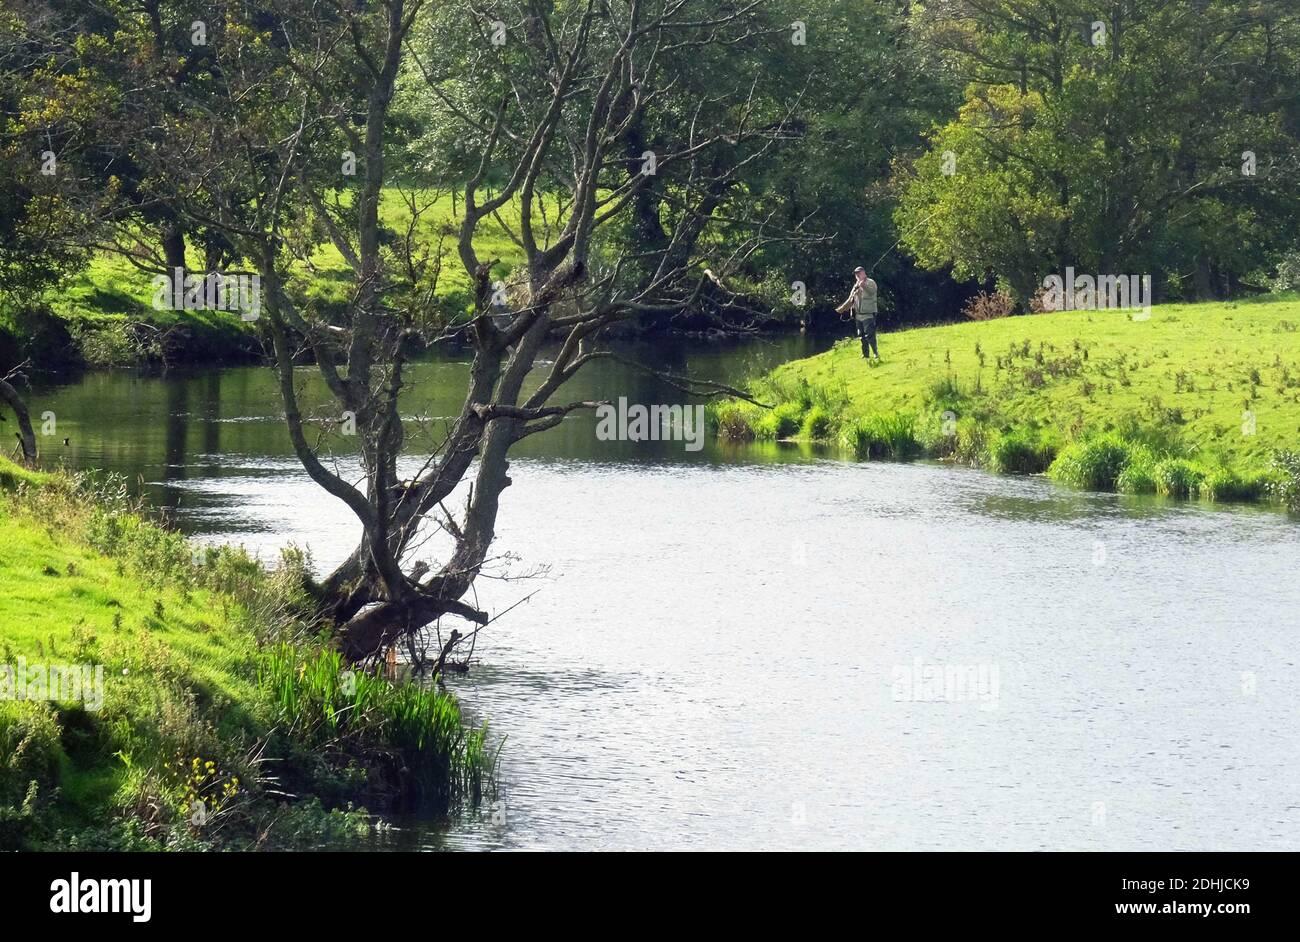 La rivière Coquet. Un pêcheur à la ligne à Pauperhaugh.Samedi 3 octobre 2020. Banque D'Images